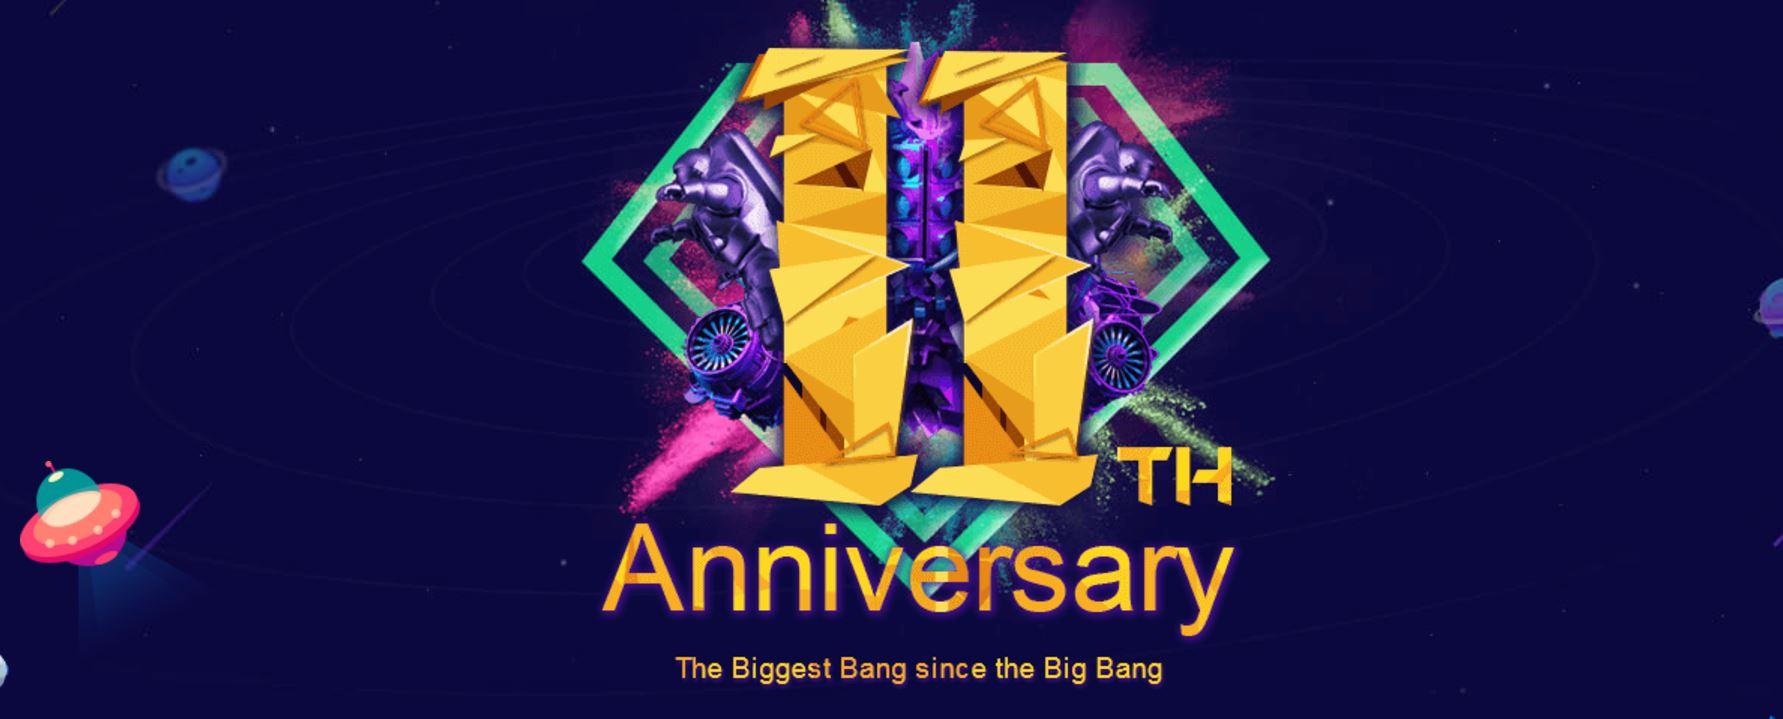 banggood kicks off their 11th anniversary with a ton of savings on